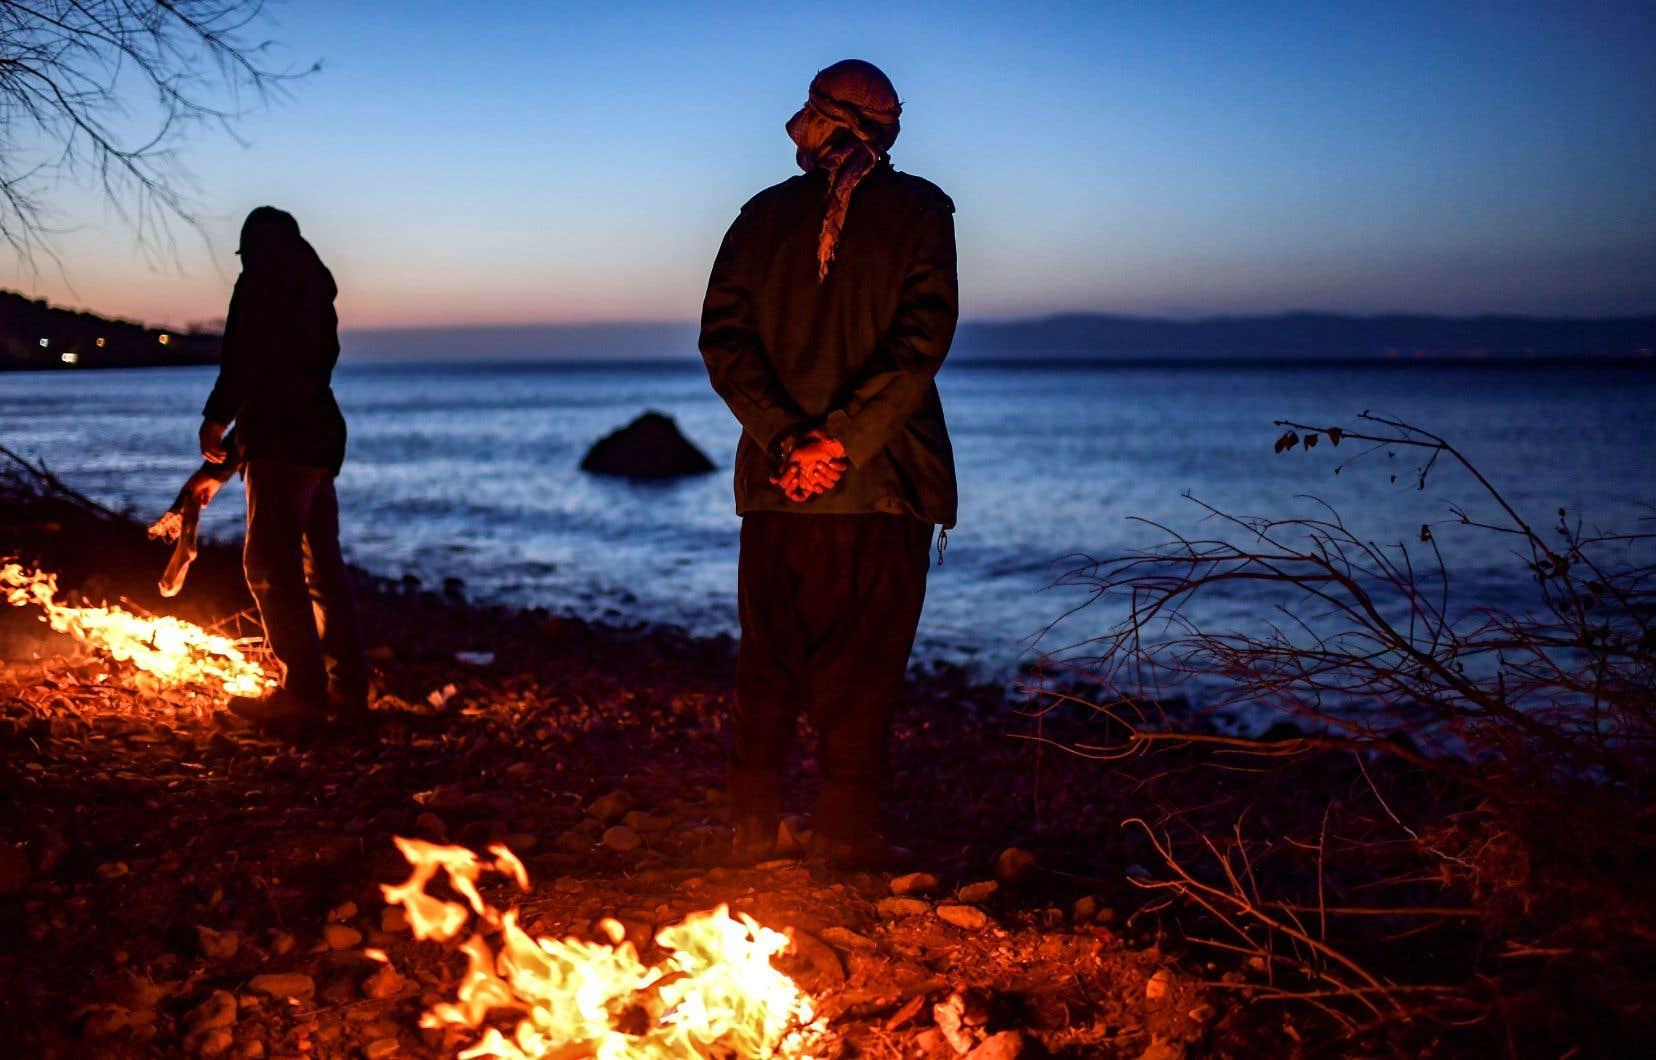 Depuis la décision du gouvernement turc, vendredi dernier, d'ouvrir ses frontières aux migrants voulant rejoindre l'Union européenne, les îles grecques ont vu arriver plus de 1700 d'entre eux.